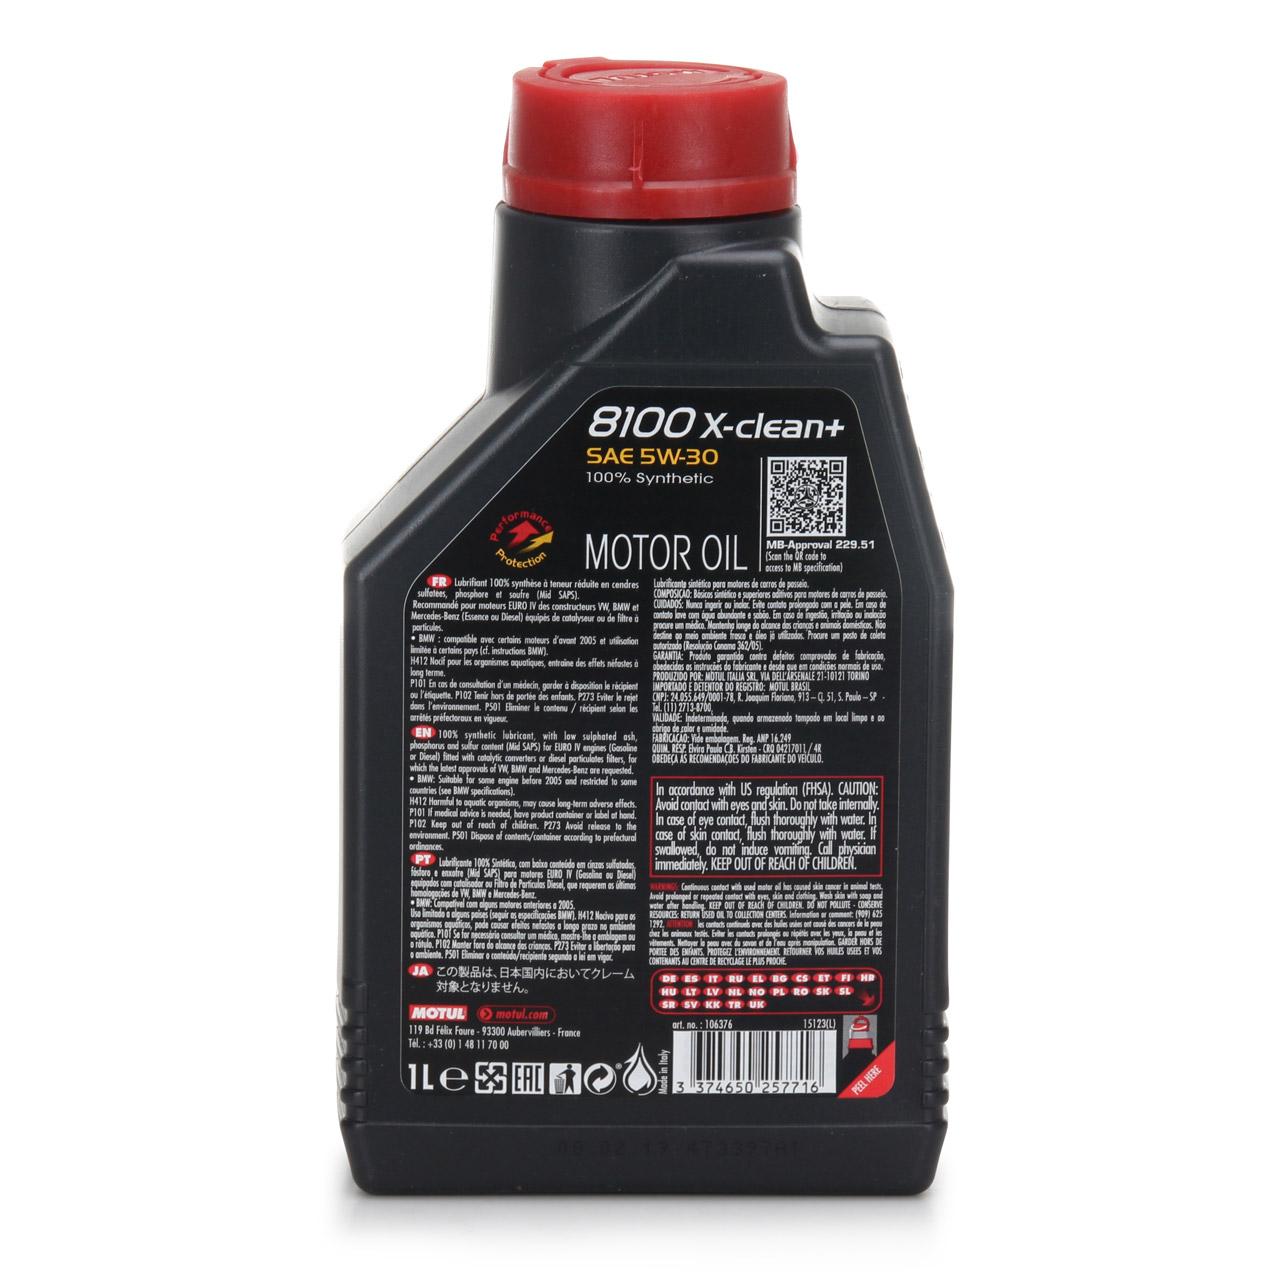 MOTUL 8100 X-clean+ C3 Motoröl Öl 5W30 BMW LL04 MB 229.51 VW 504/507.00 1 Liter